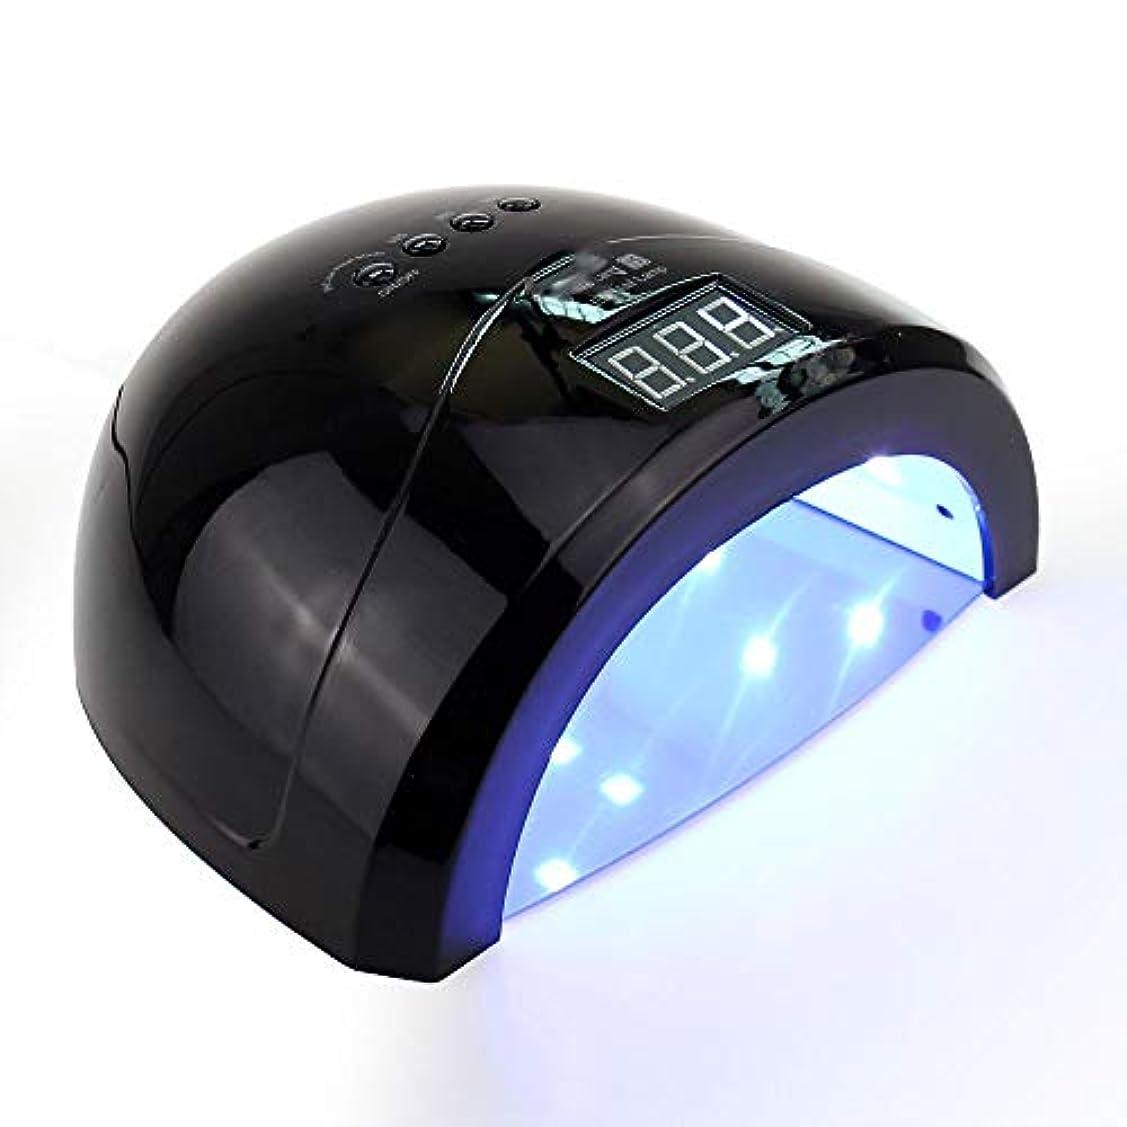 シロクマさておきボタンネイルドライヤー - ネイルポリッシュランプled光線療法機48ワットスマート誘導ネイルポリッシュグルーベーキングランプ10秒/ 30秒/ 60秒タイマー,Black